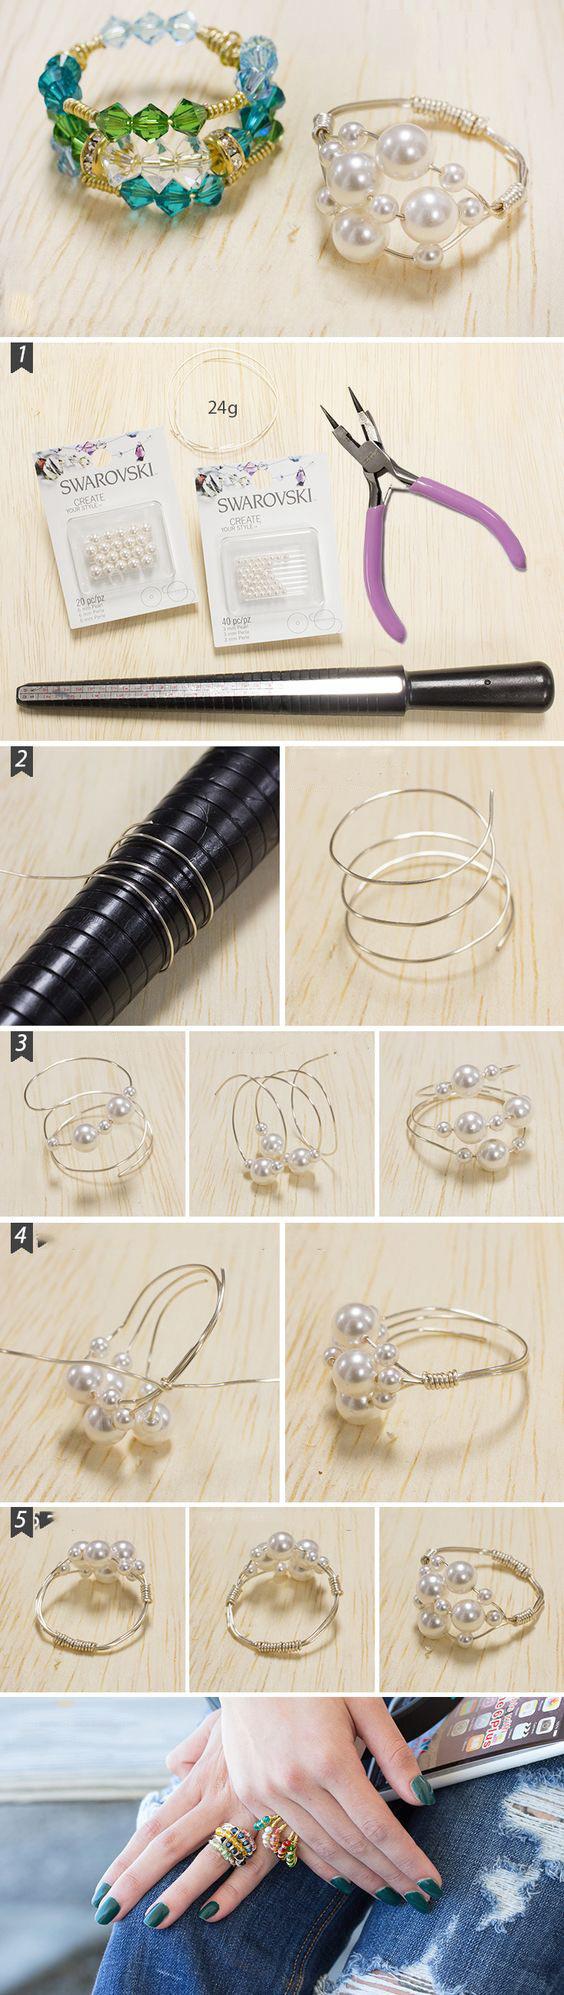 кольцо из проволоки и бисера своими руками мастер-класс